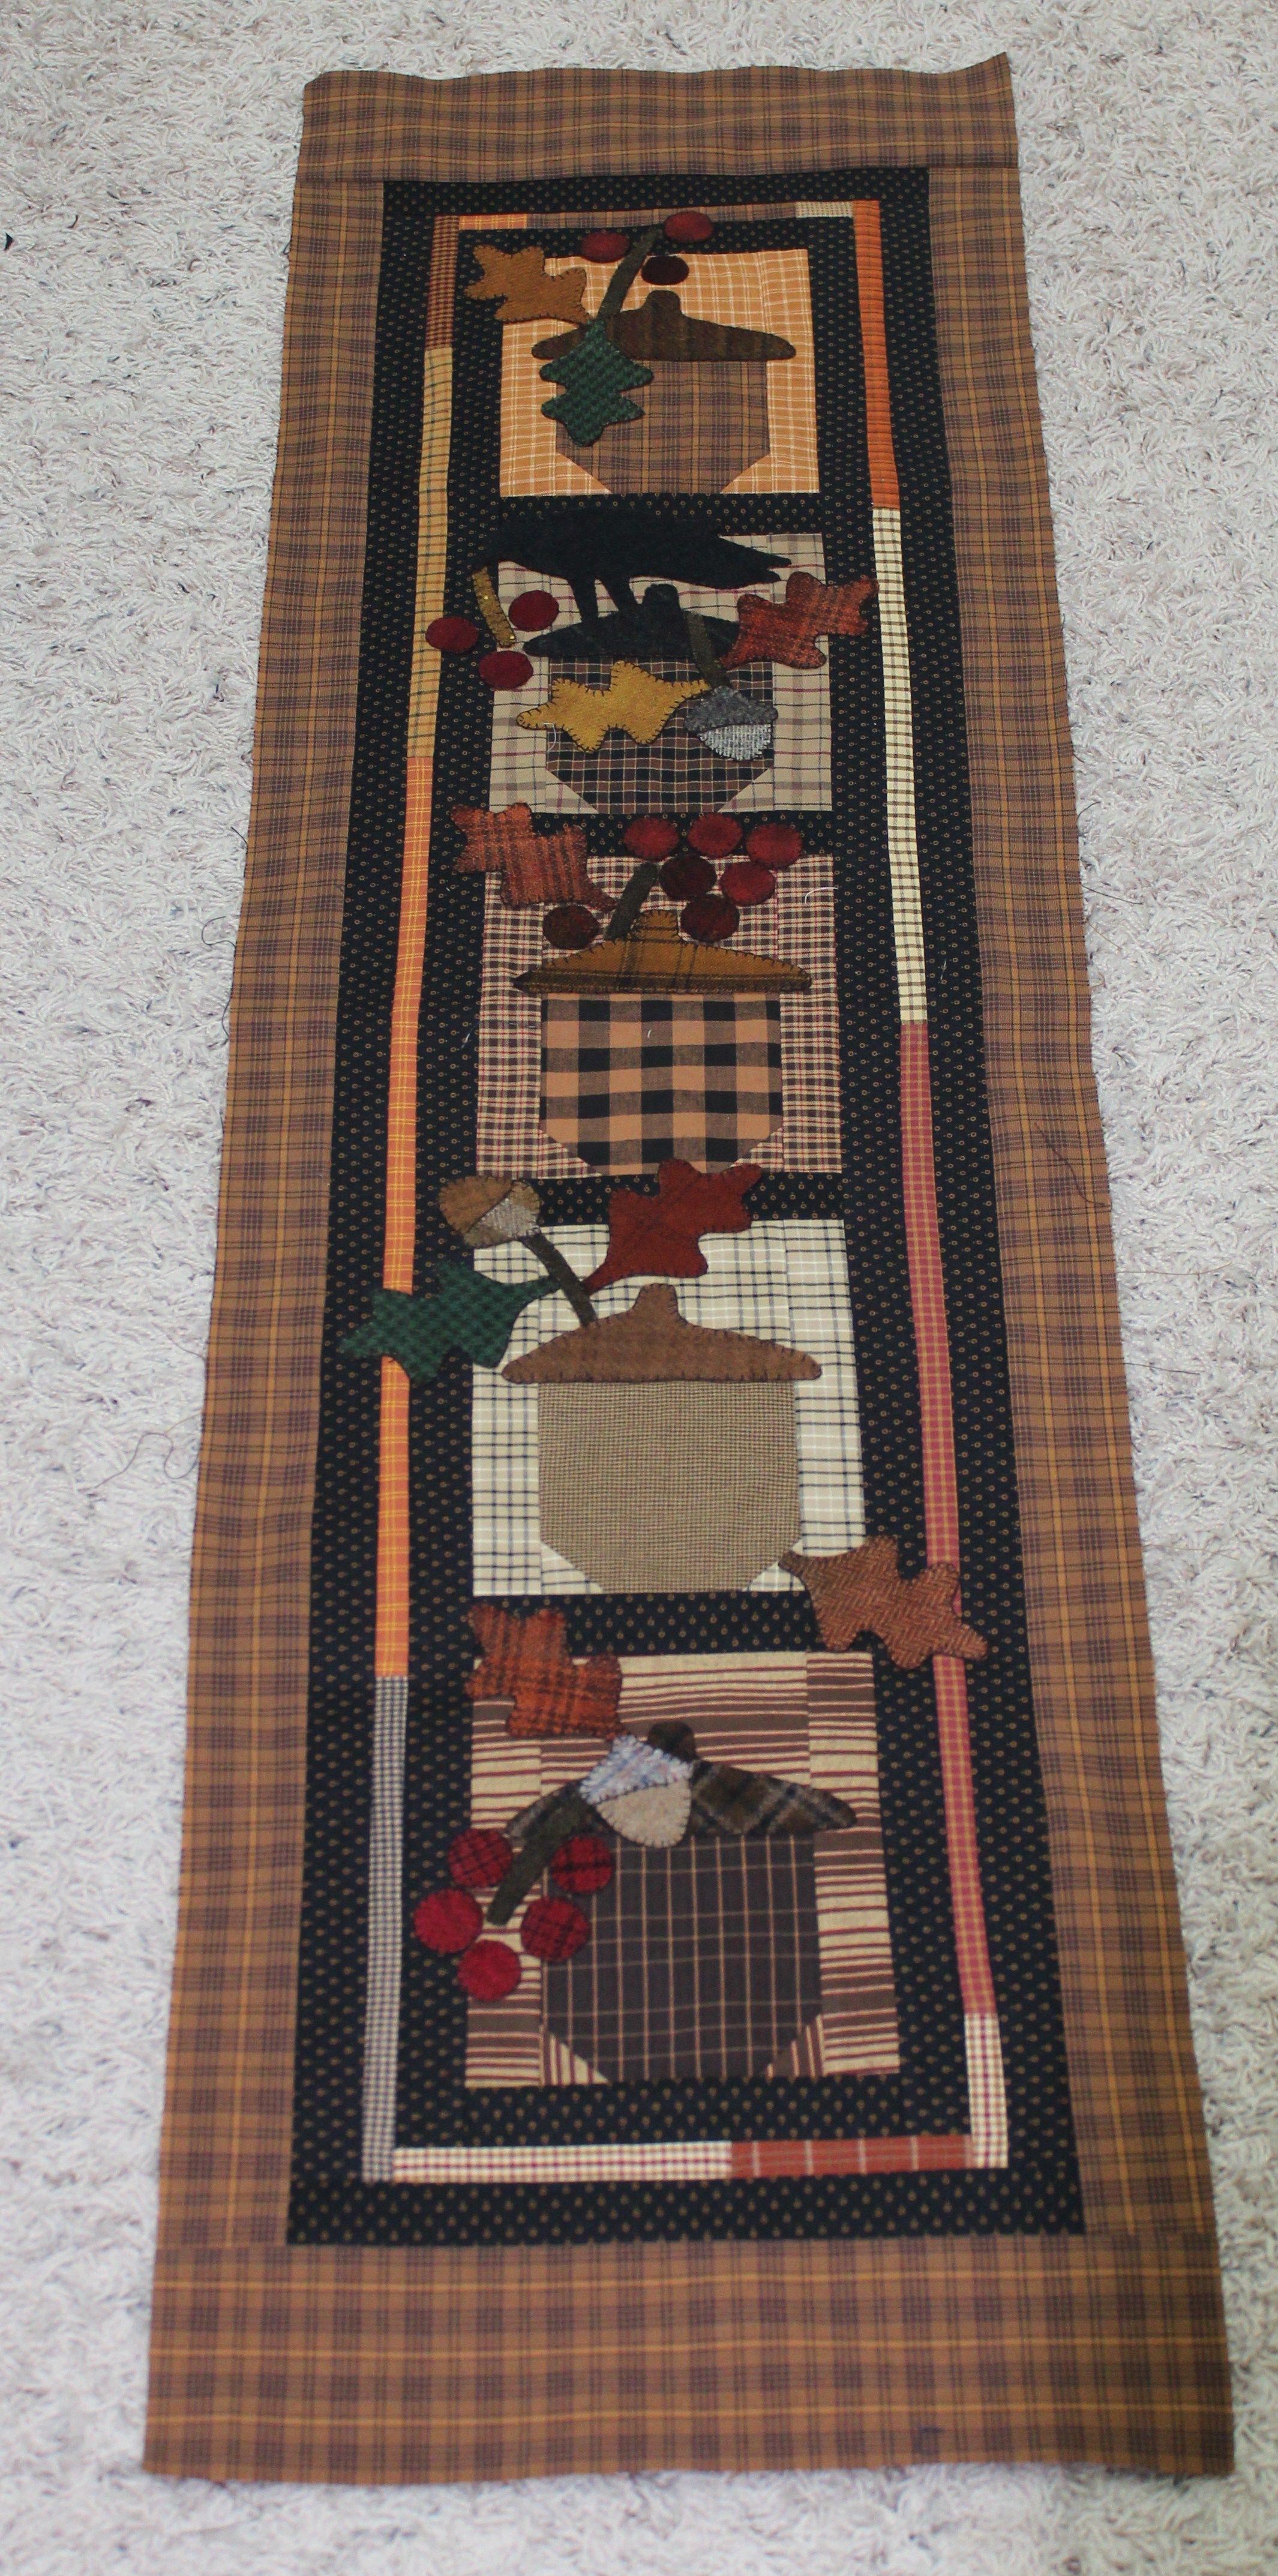 6a00d8341c94c753ef017eea3d330e970d-pi 2,130×4,293 pixels | Quilts ...